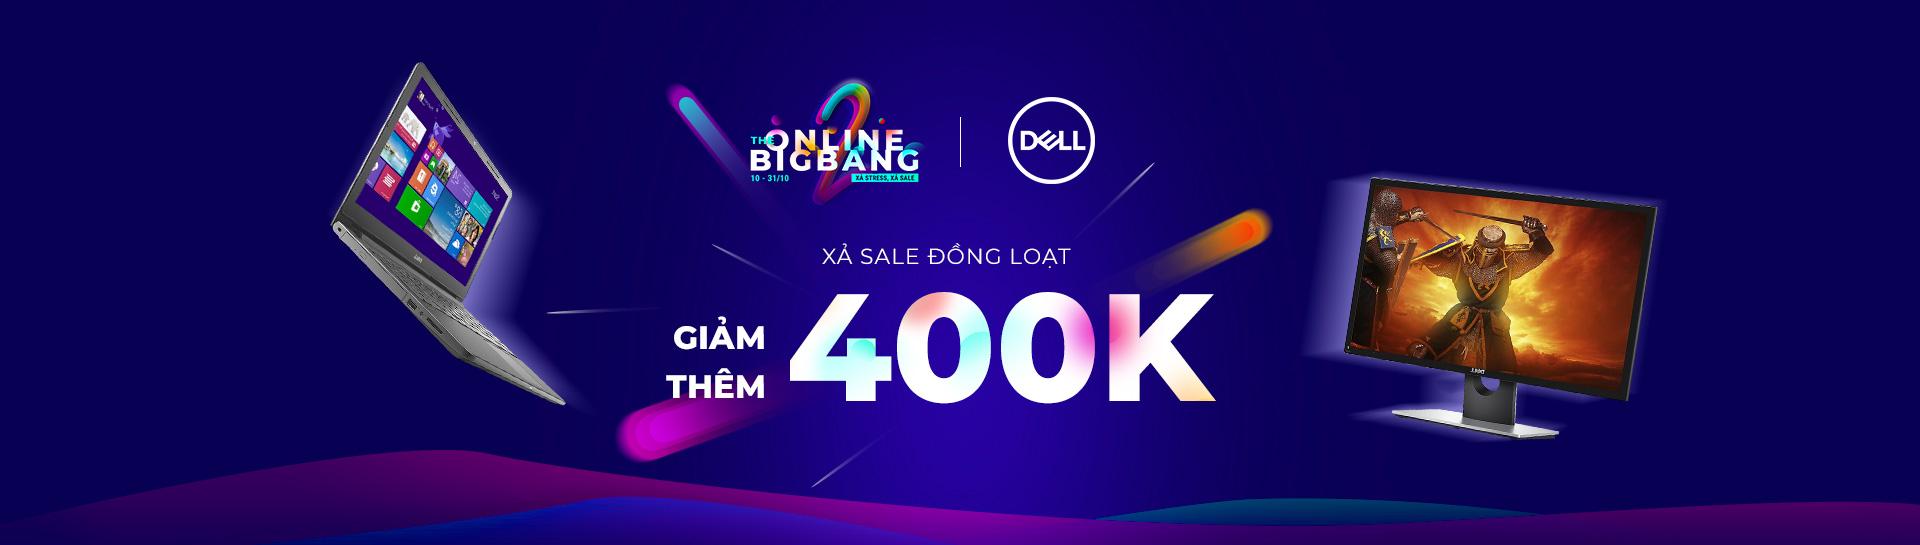 Hình ảnh Dell - Giảm Thêm Tới 400K - Chỉ Trong Tháng 10